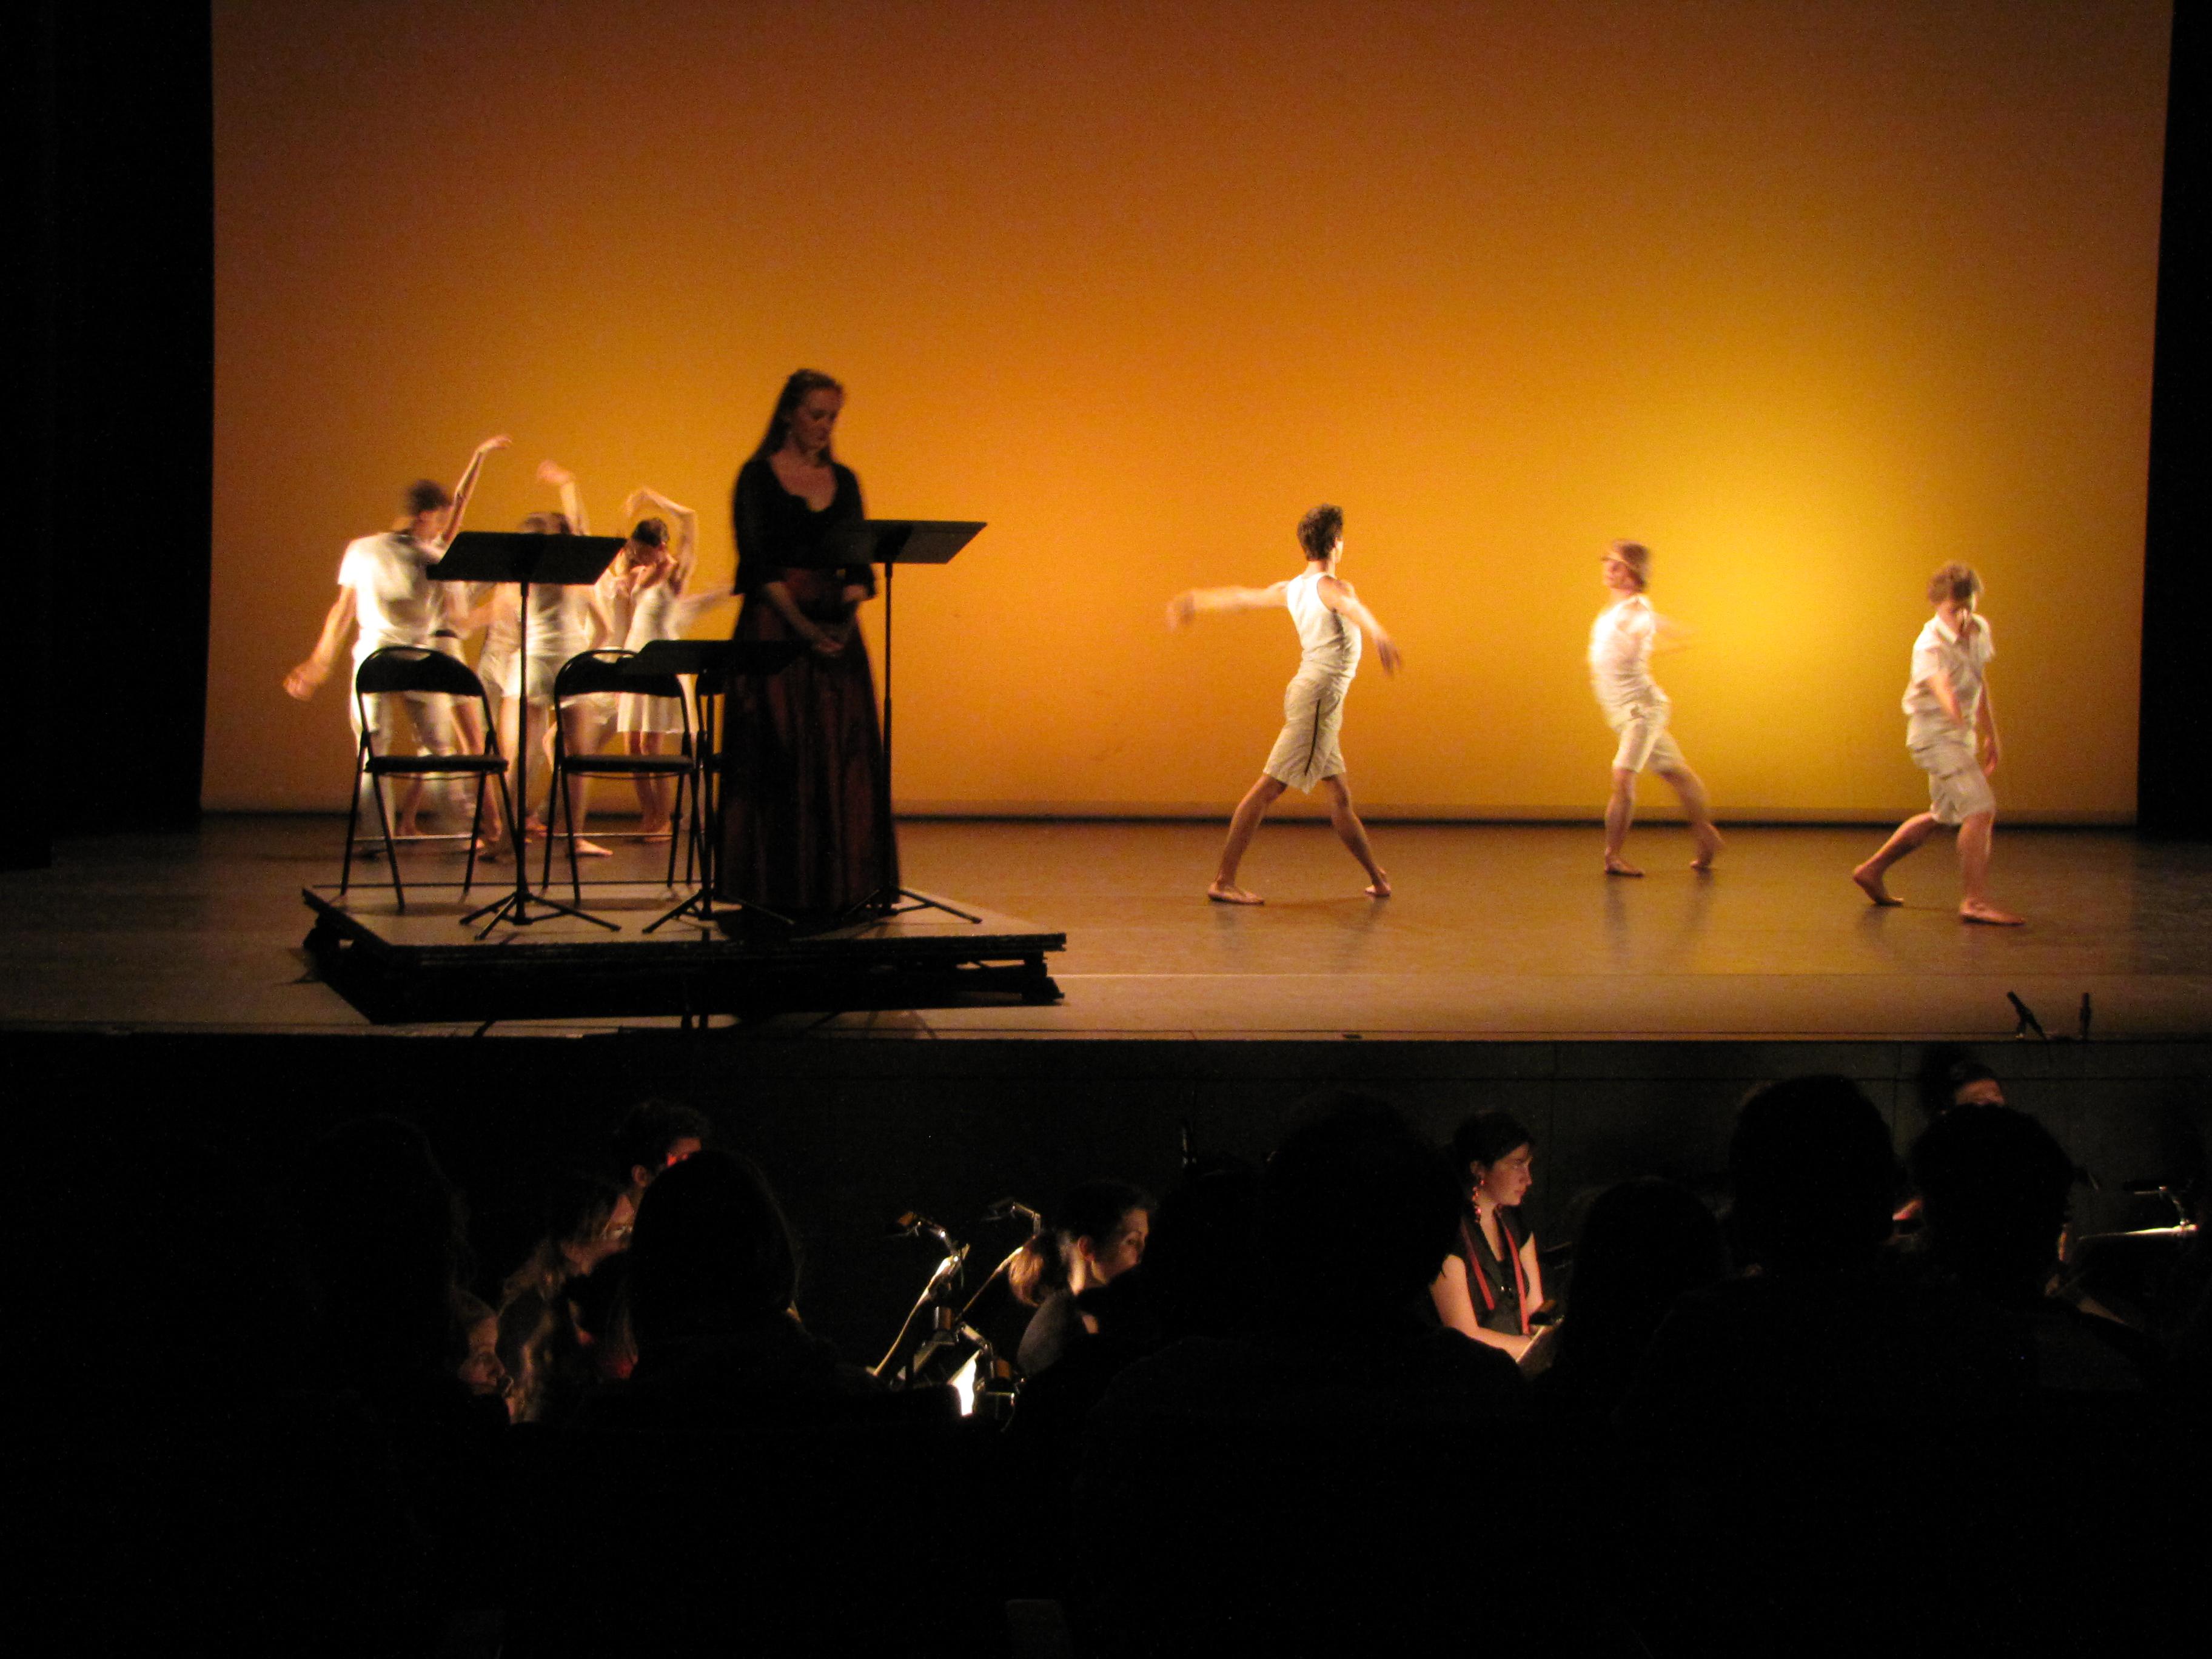 2011 Orphée & Eurydice, Gluck